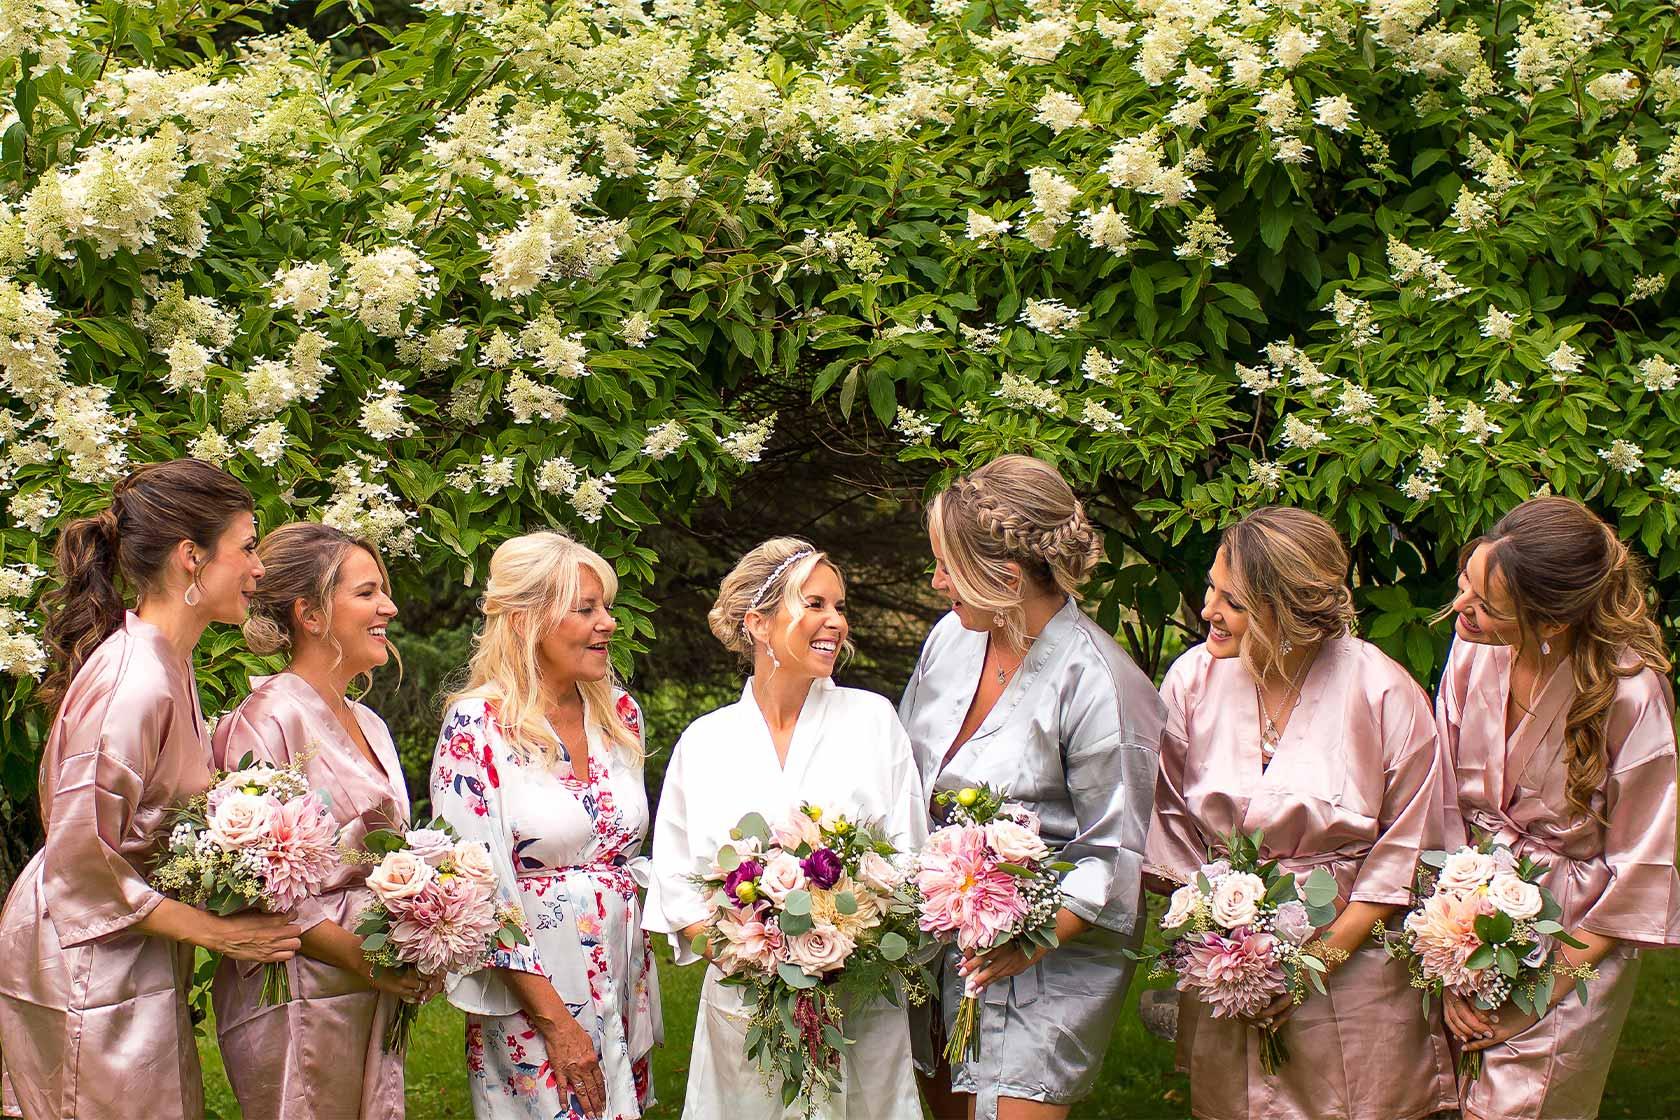 Danylo-Bobyk-Wedding-Photography-Stacey-Kenneth-08